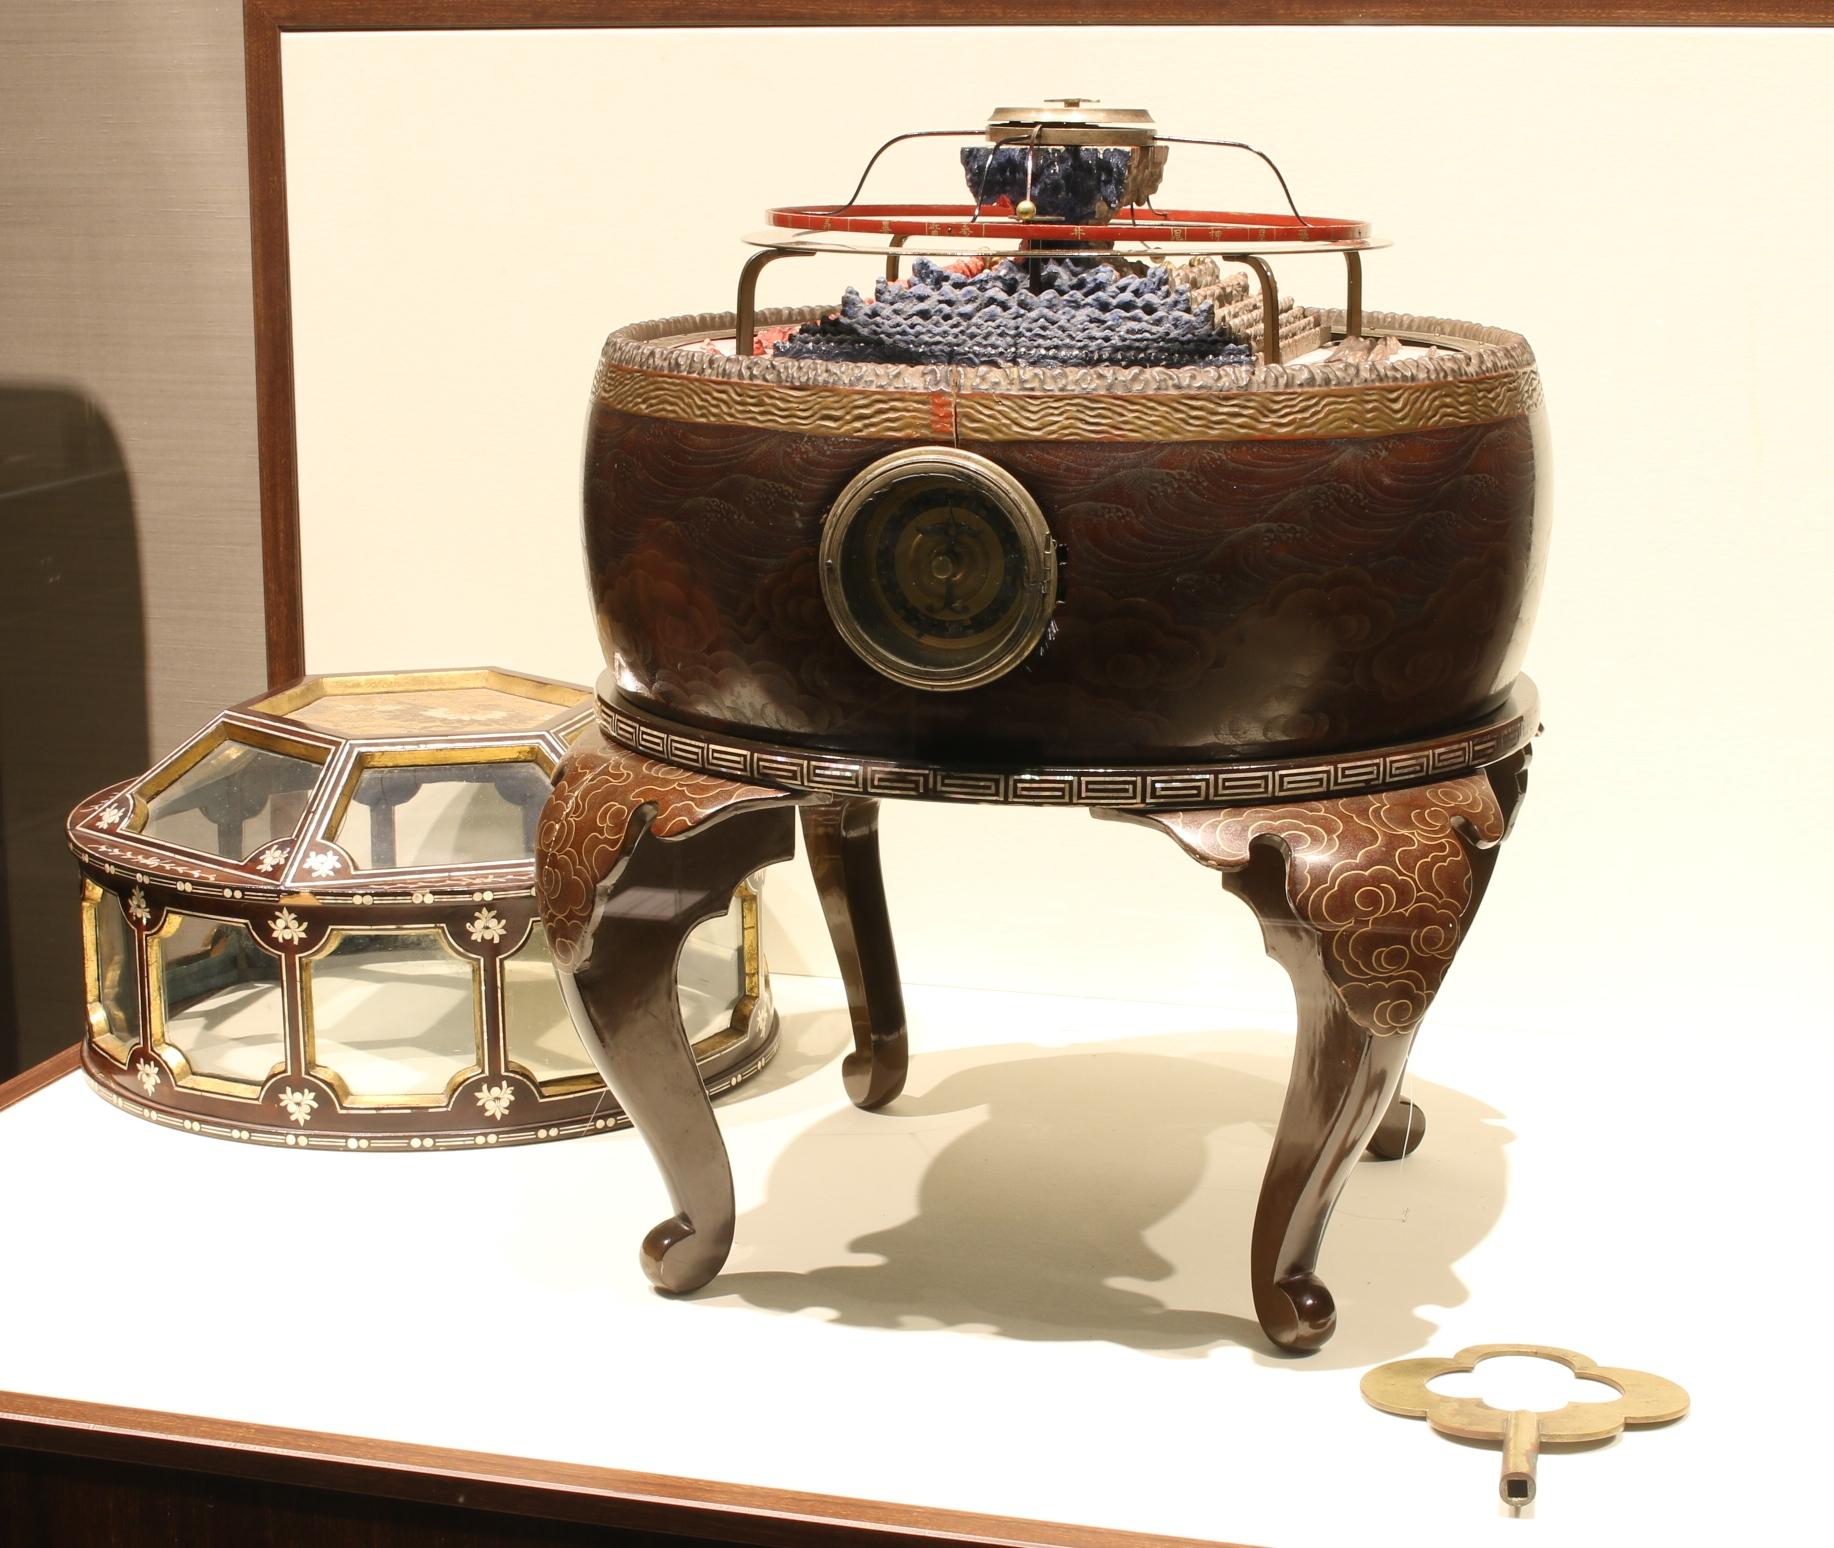 セイコーミュージアム銀座展示 須弥山儀